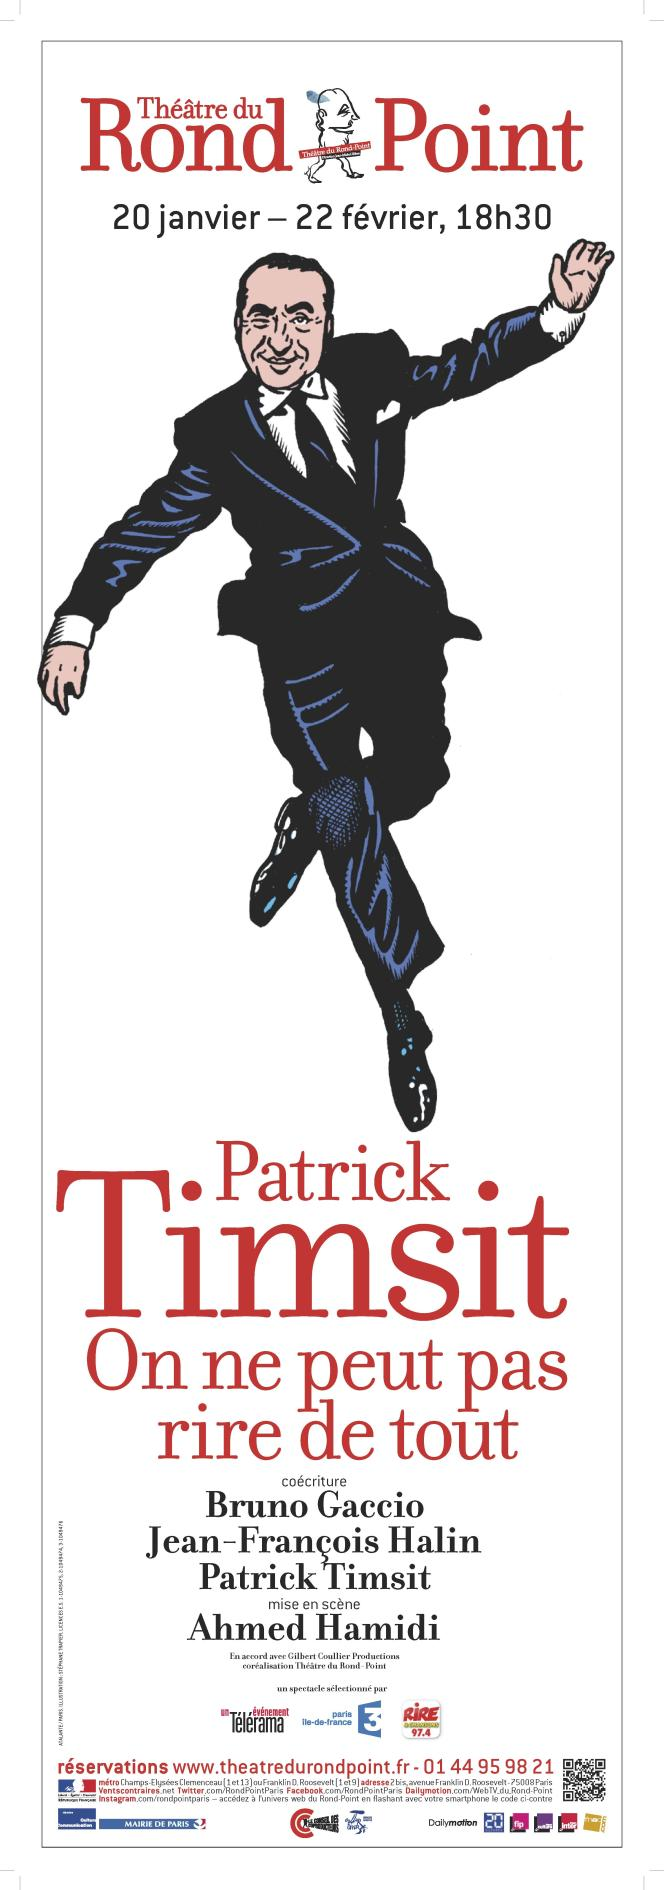 La nouvelle affiche du spectacle de Patrick Timsit.